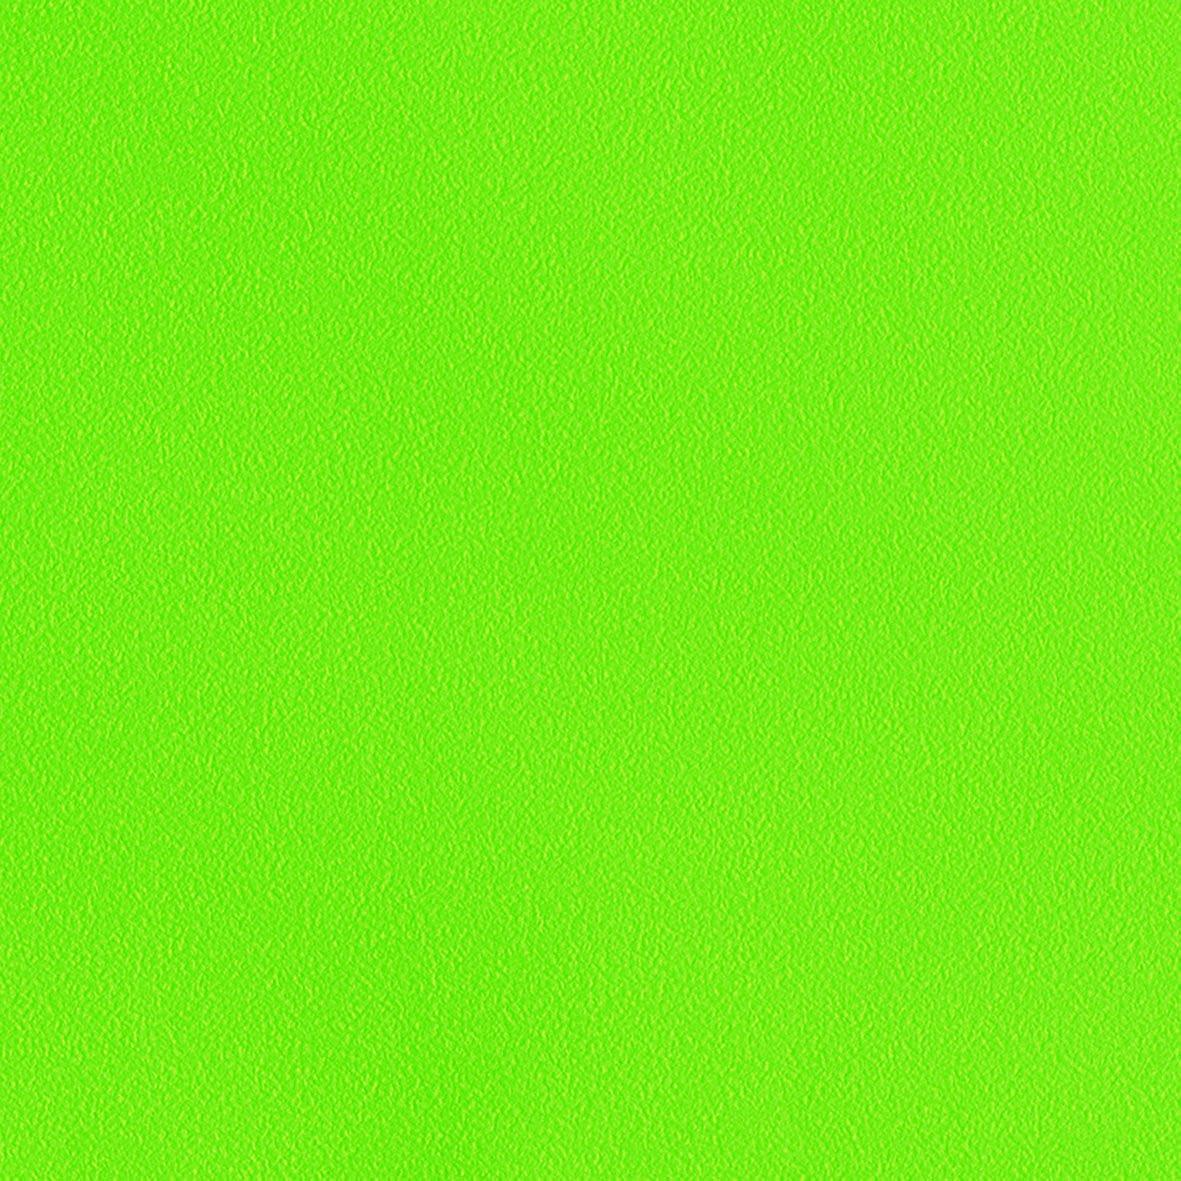 リリカラ 壁紙47m シンフル 無地 ピンク LL-8730 B01N0AA3FA 47m,ピンク2